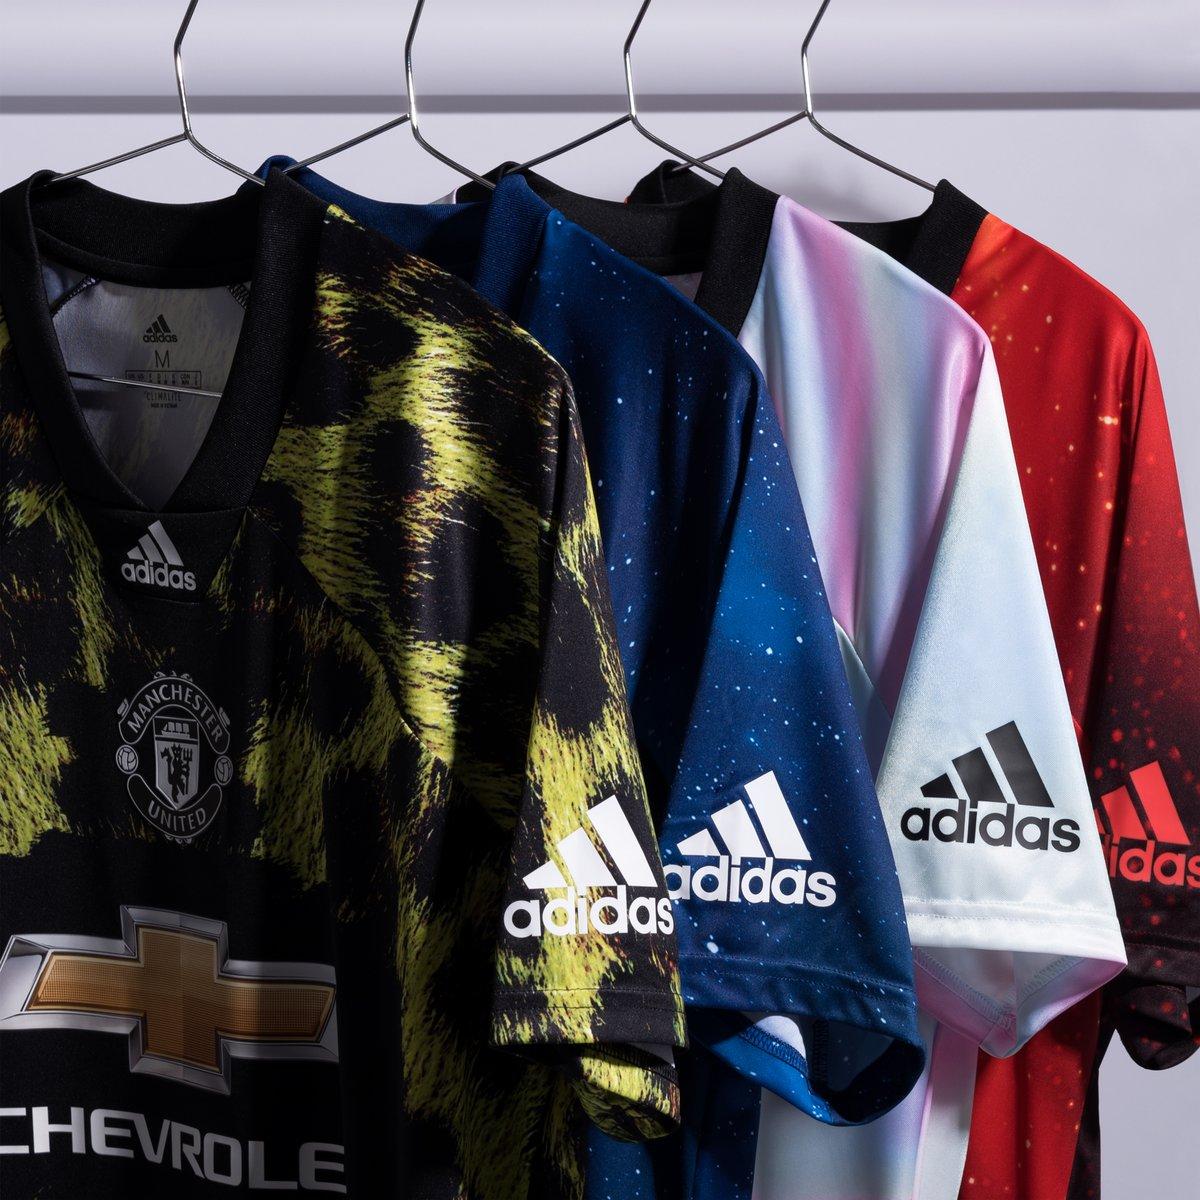 Adidas y EA Sports presentan pack especial de camisetas - Estadio ... 85b8eebf88b53